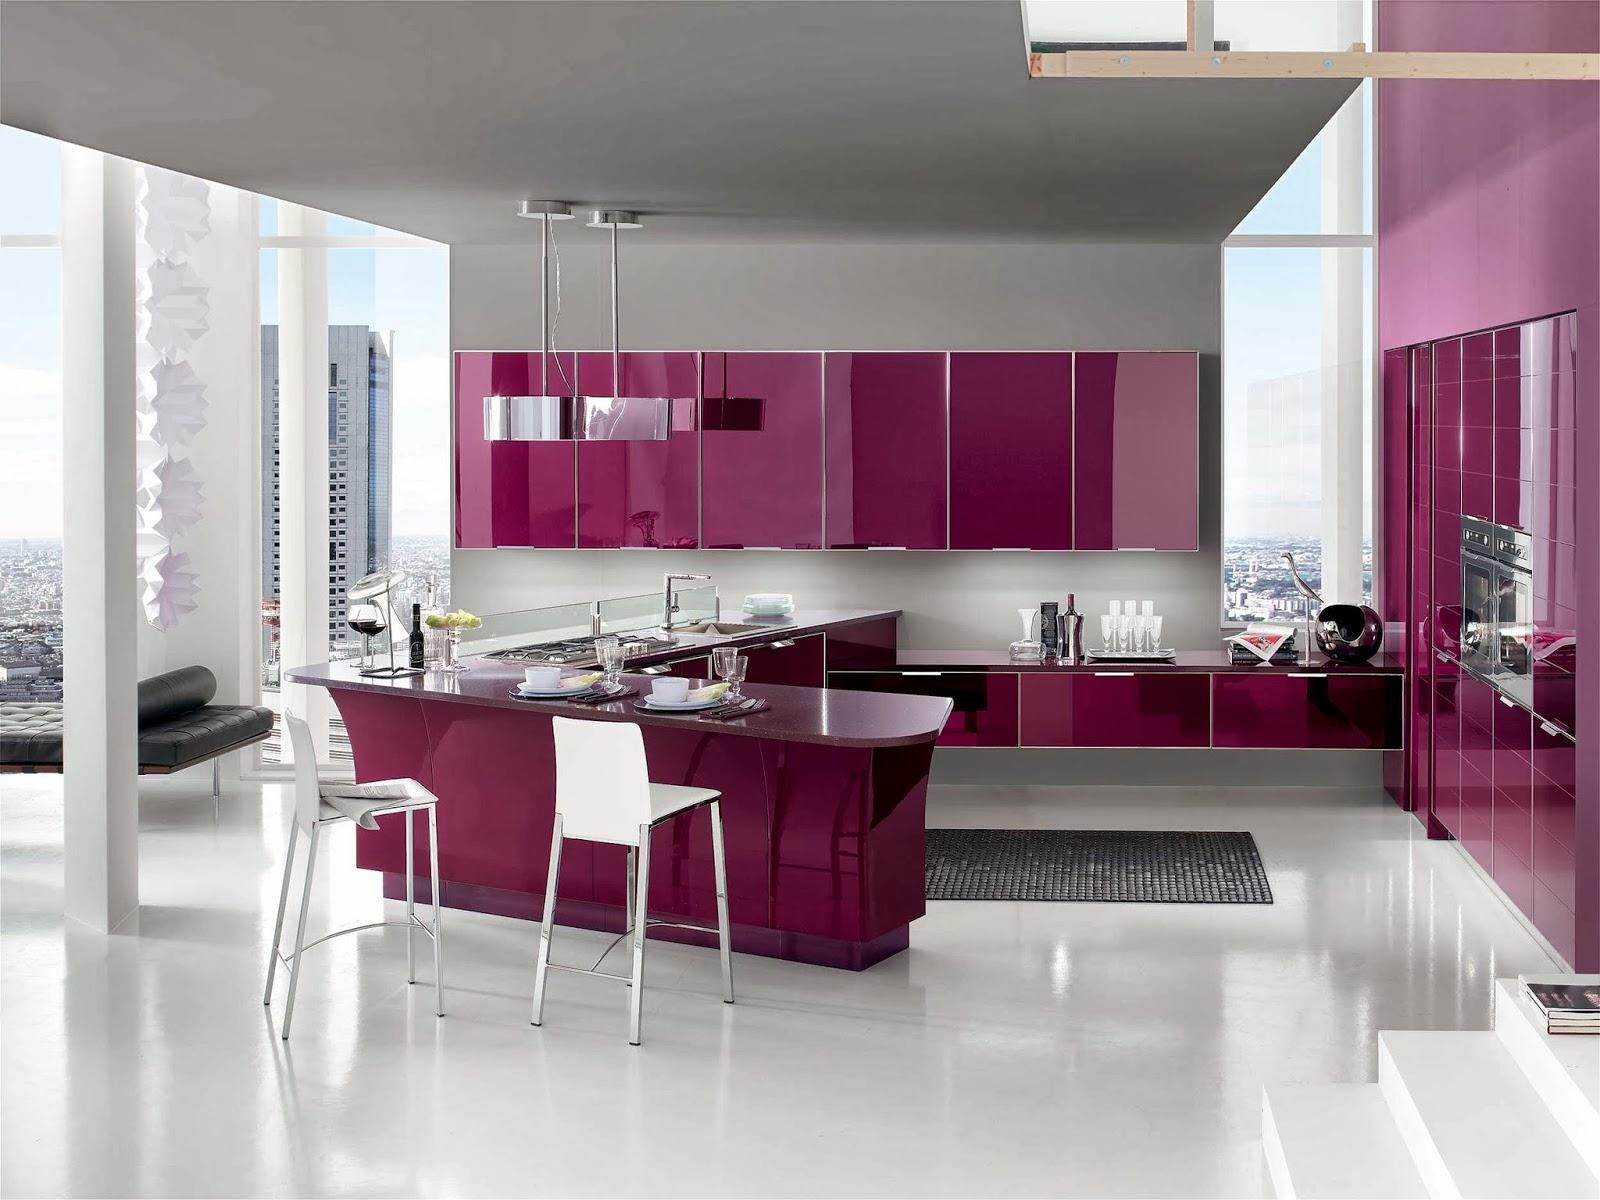 Cucine moderne le migliori soluzioni per arredare la tua - Ante in vetro cucina ...